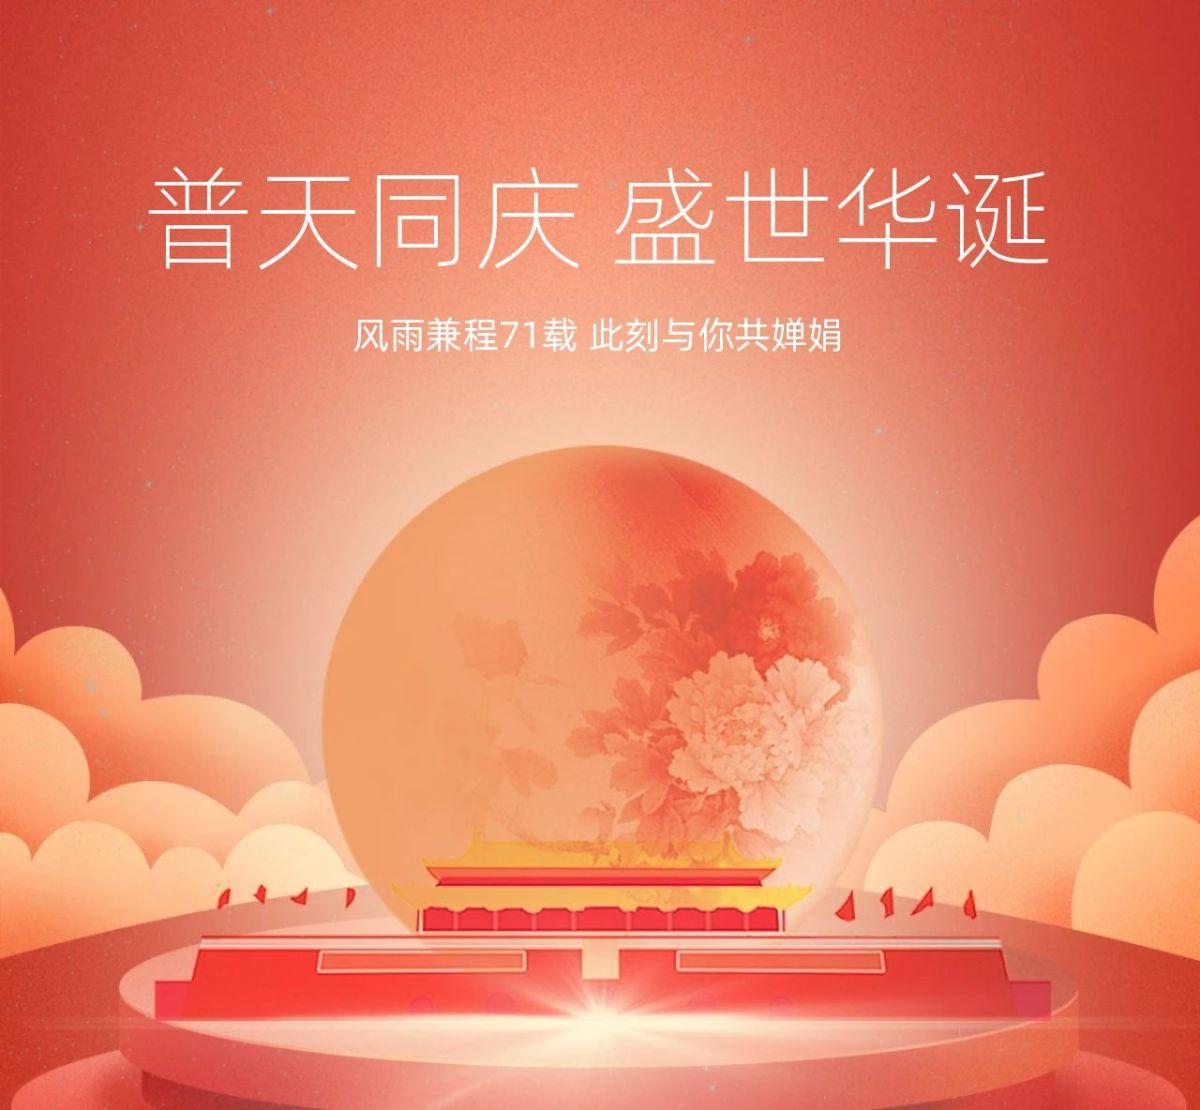 简约国庆71周年华诞纪念宣传朋友圈封面